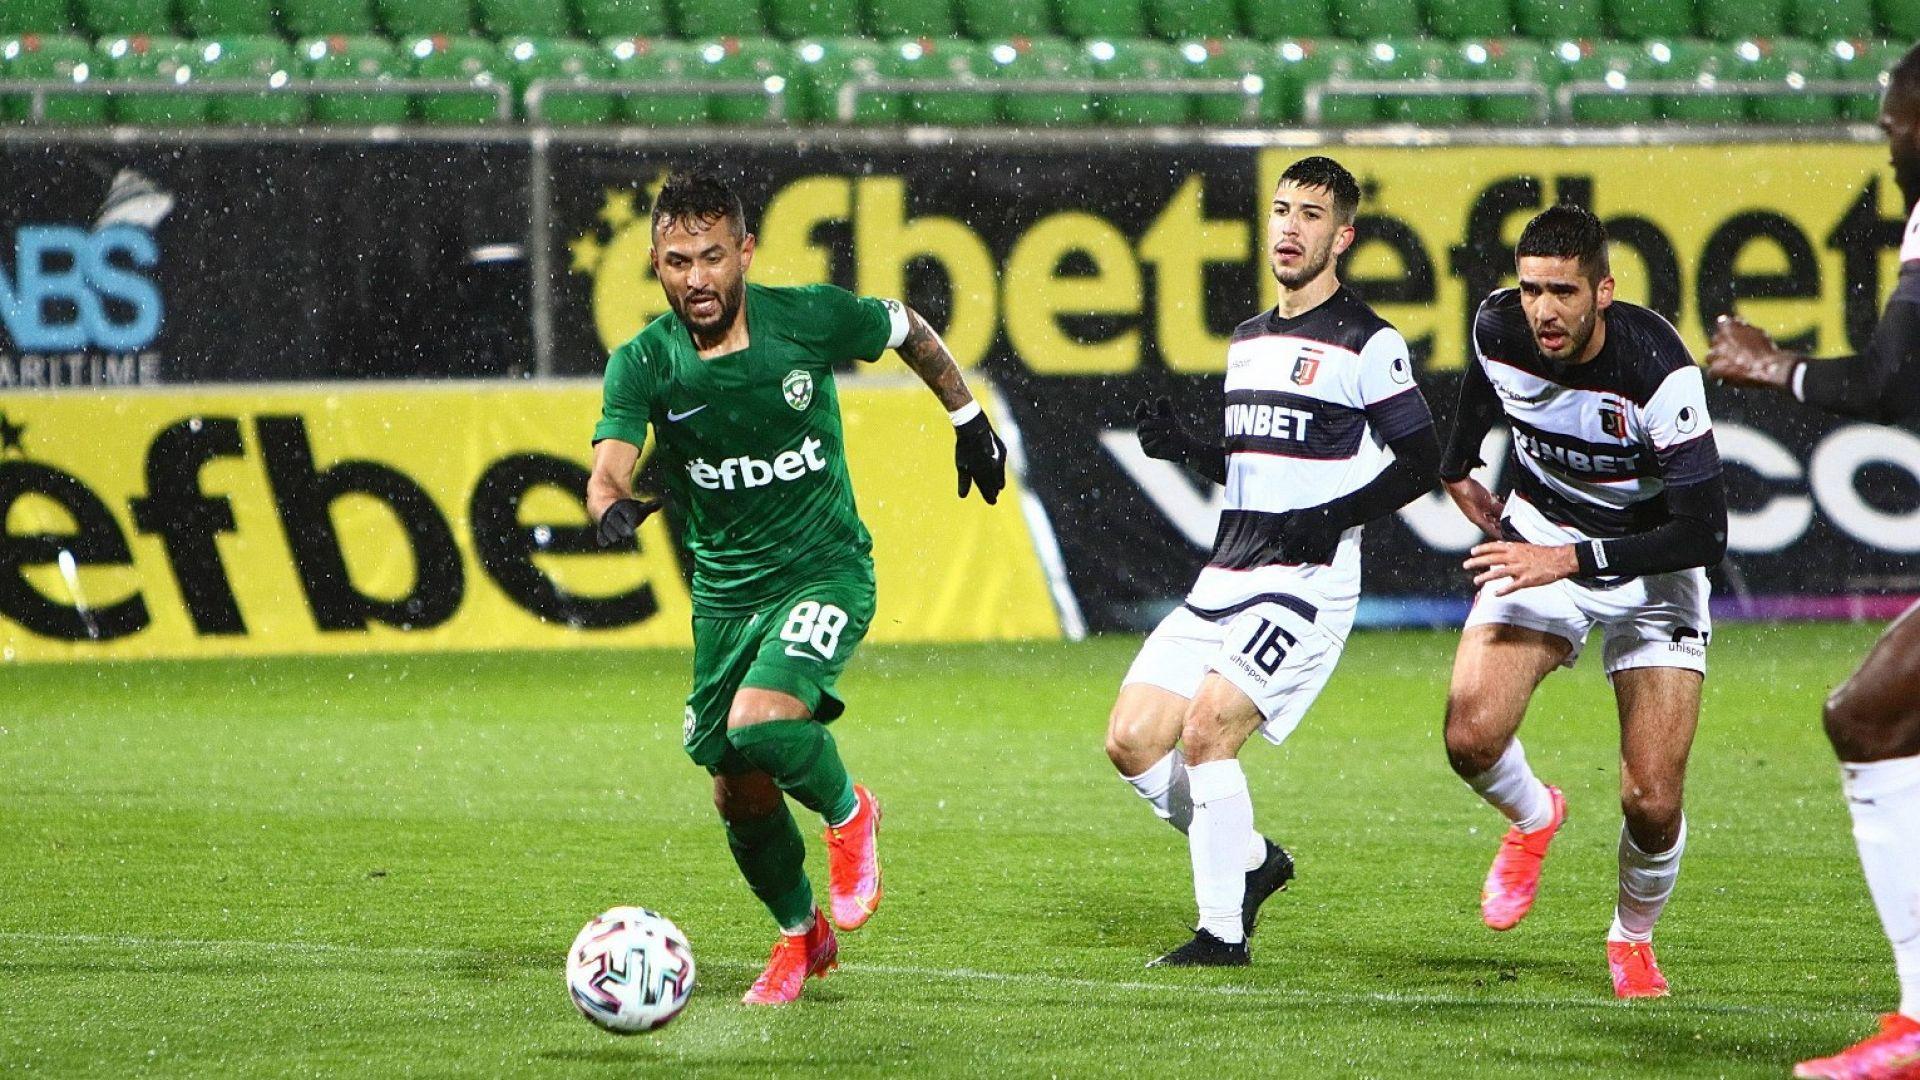 Купата на България ще има нов носител - Лудогорец излъга Локомотив след 120 минути